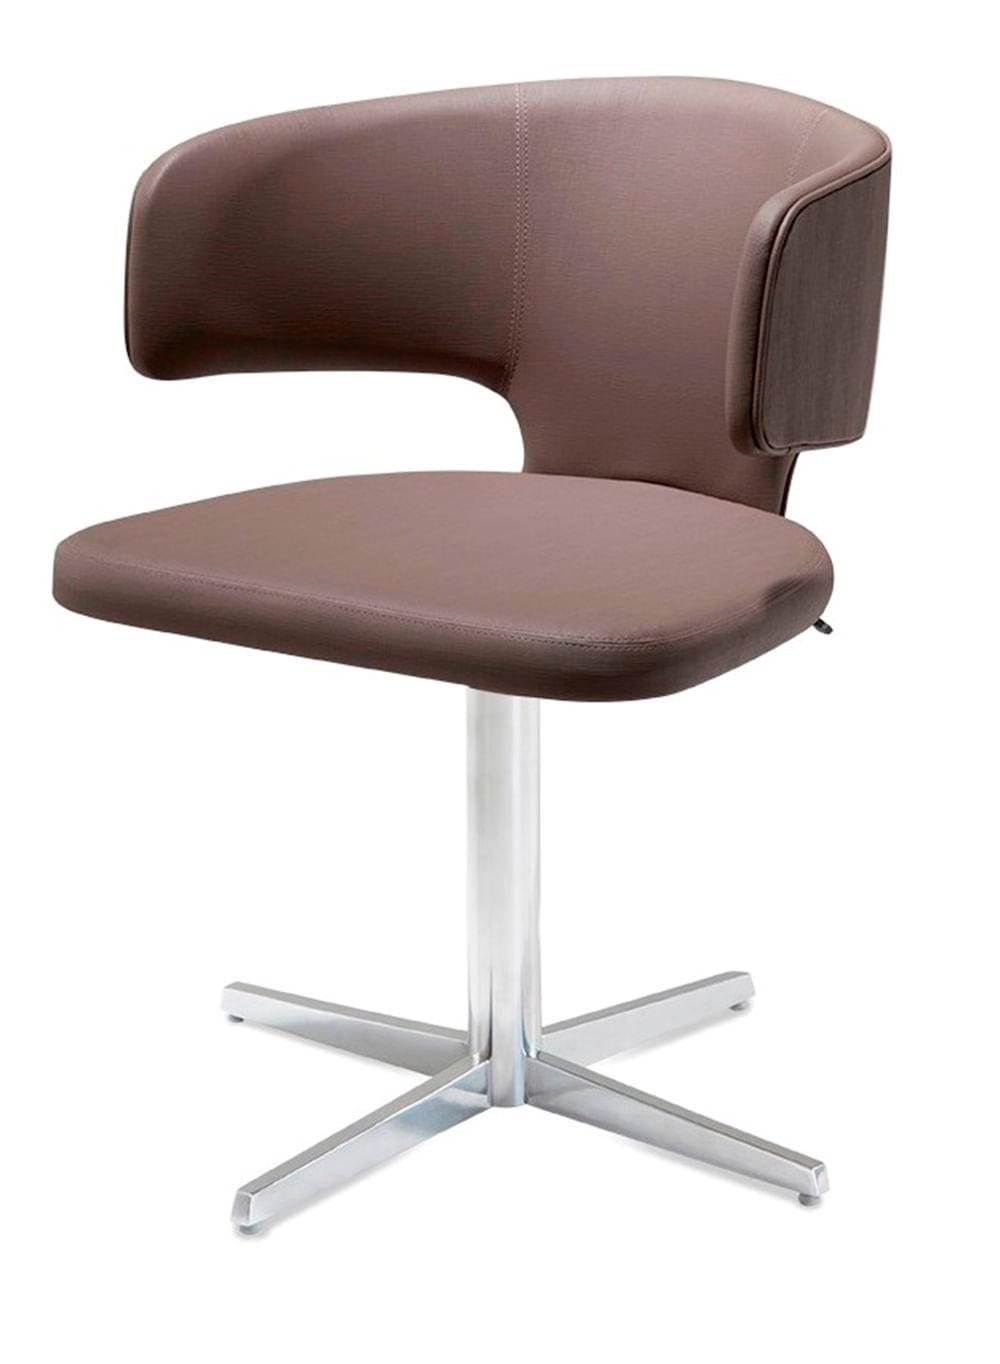 Cadeira Hug Assento Estofado Linho Trufa com Base Aranha em Aluminio - 46909